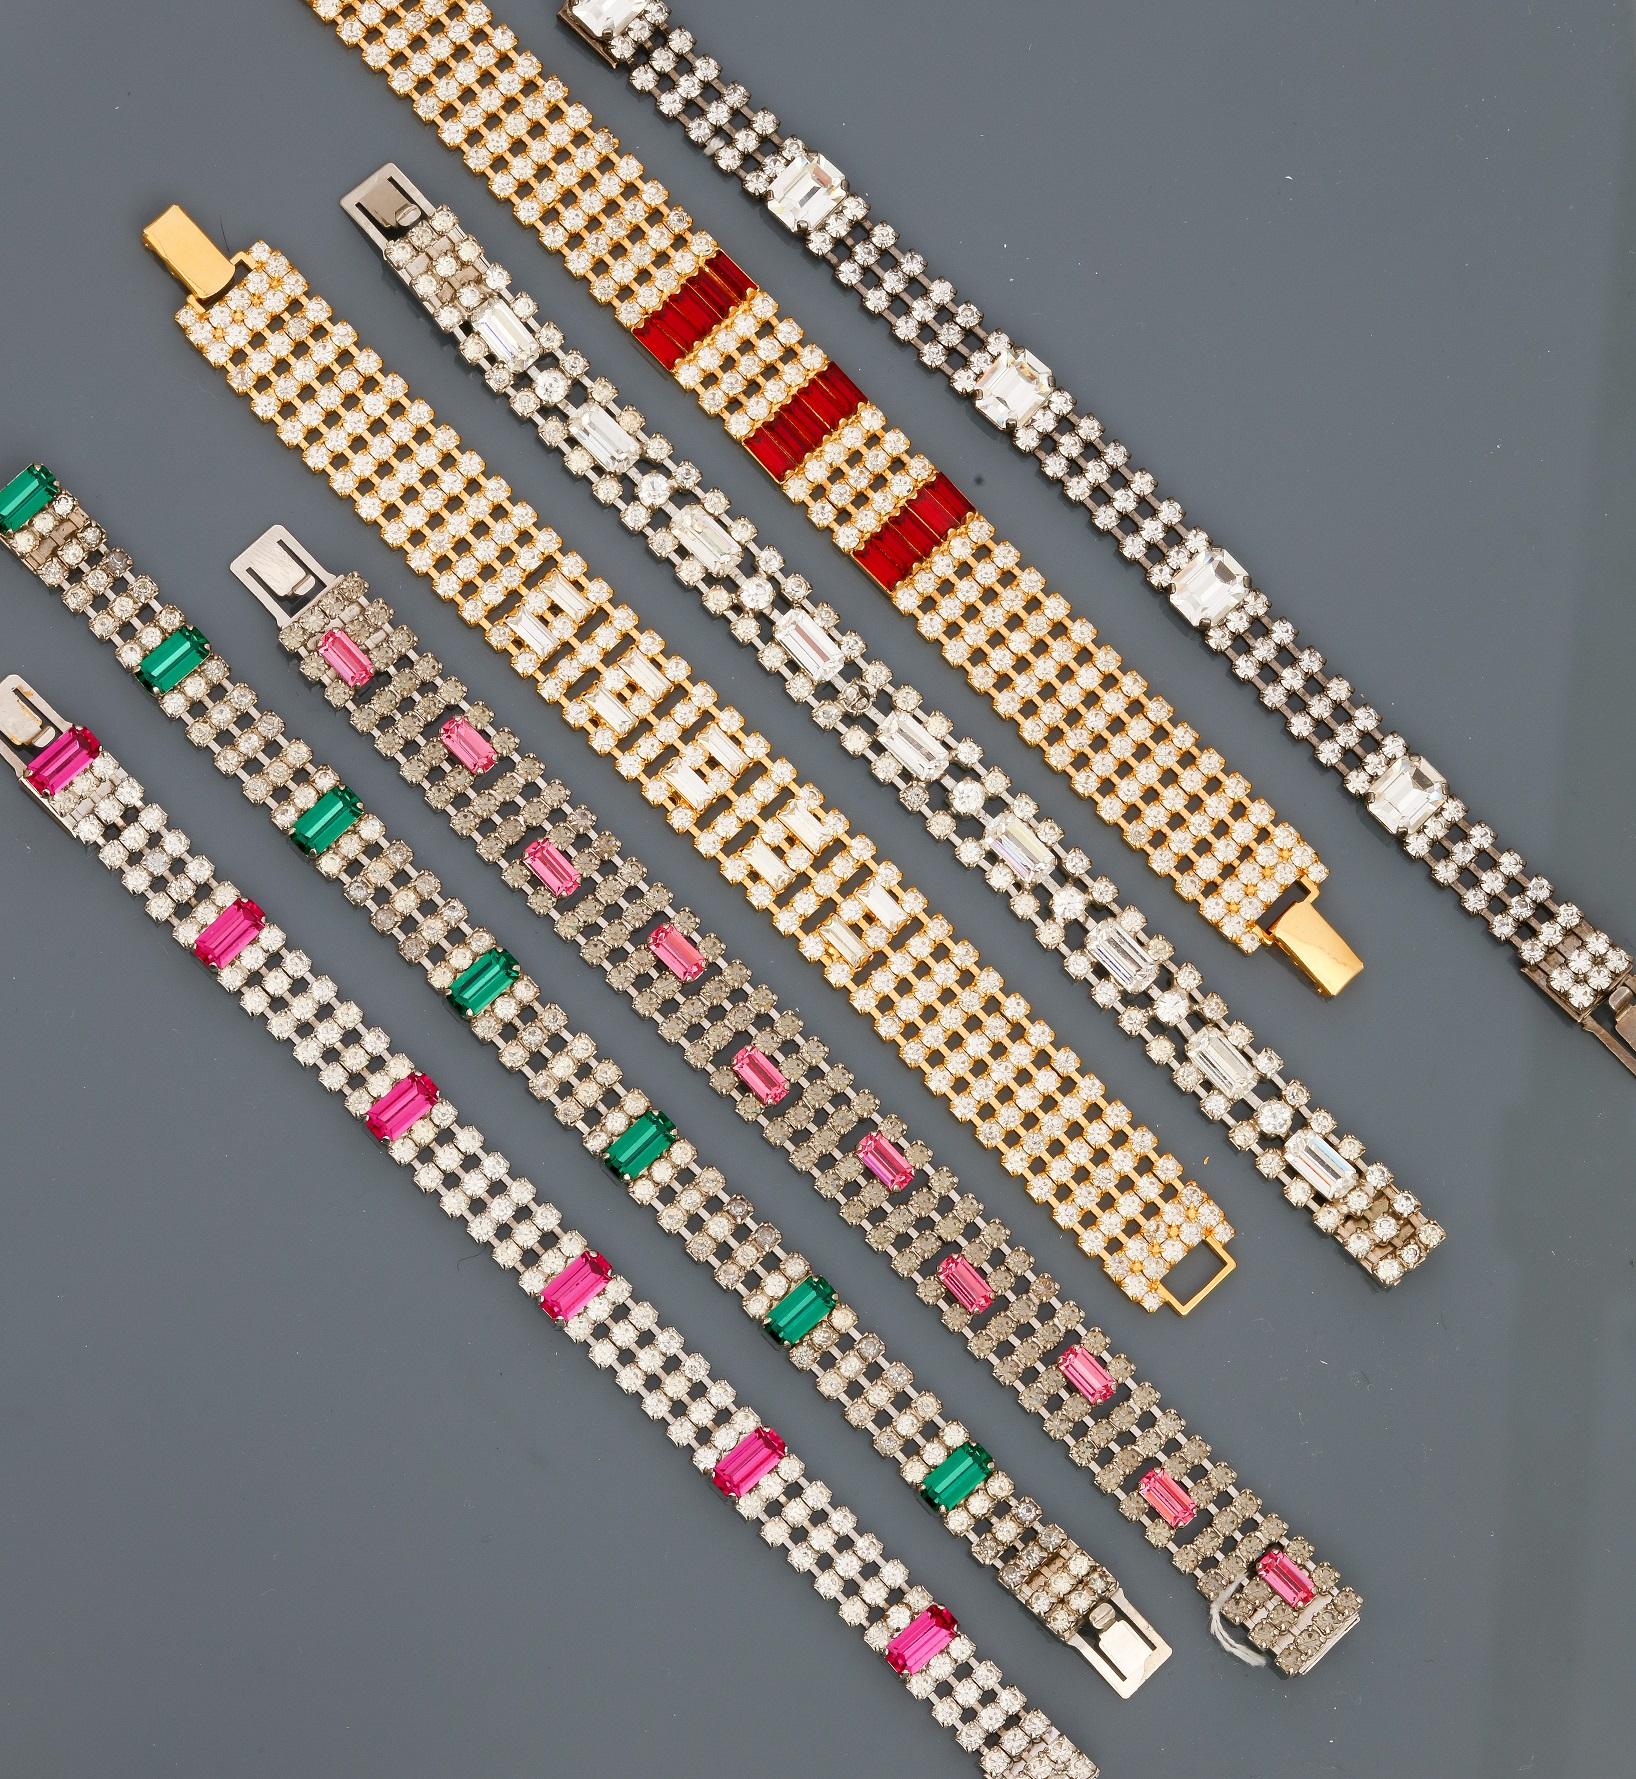 Los 0M - Lot : Sept bracelets plats en métal doré et argenté rhodié, recouverts de strass [...]